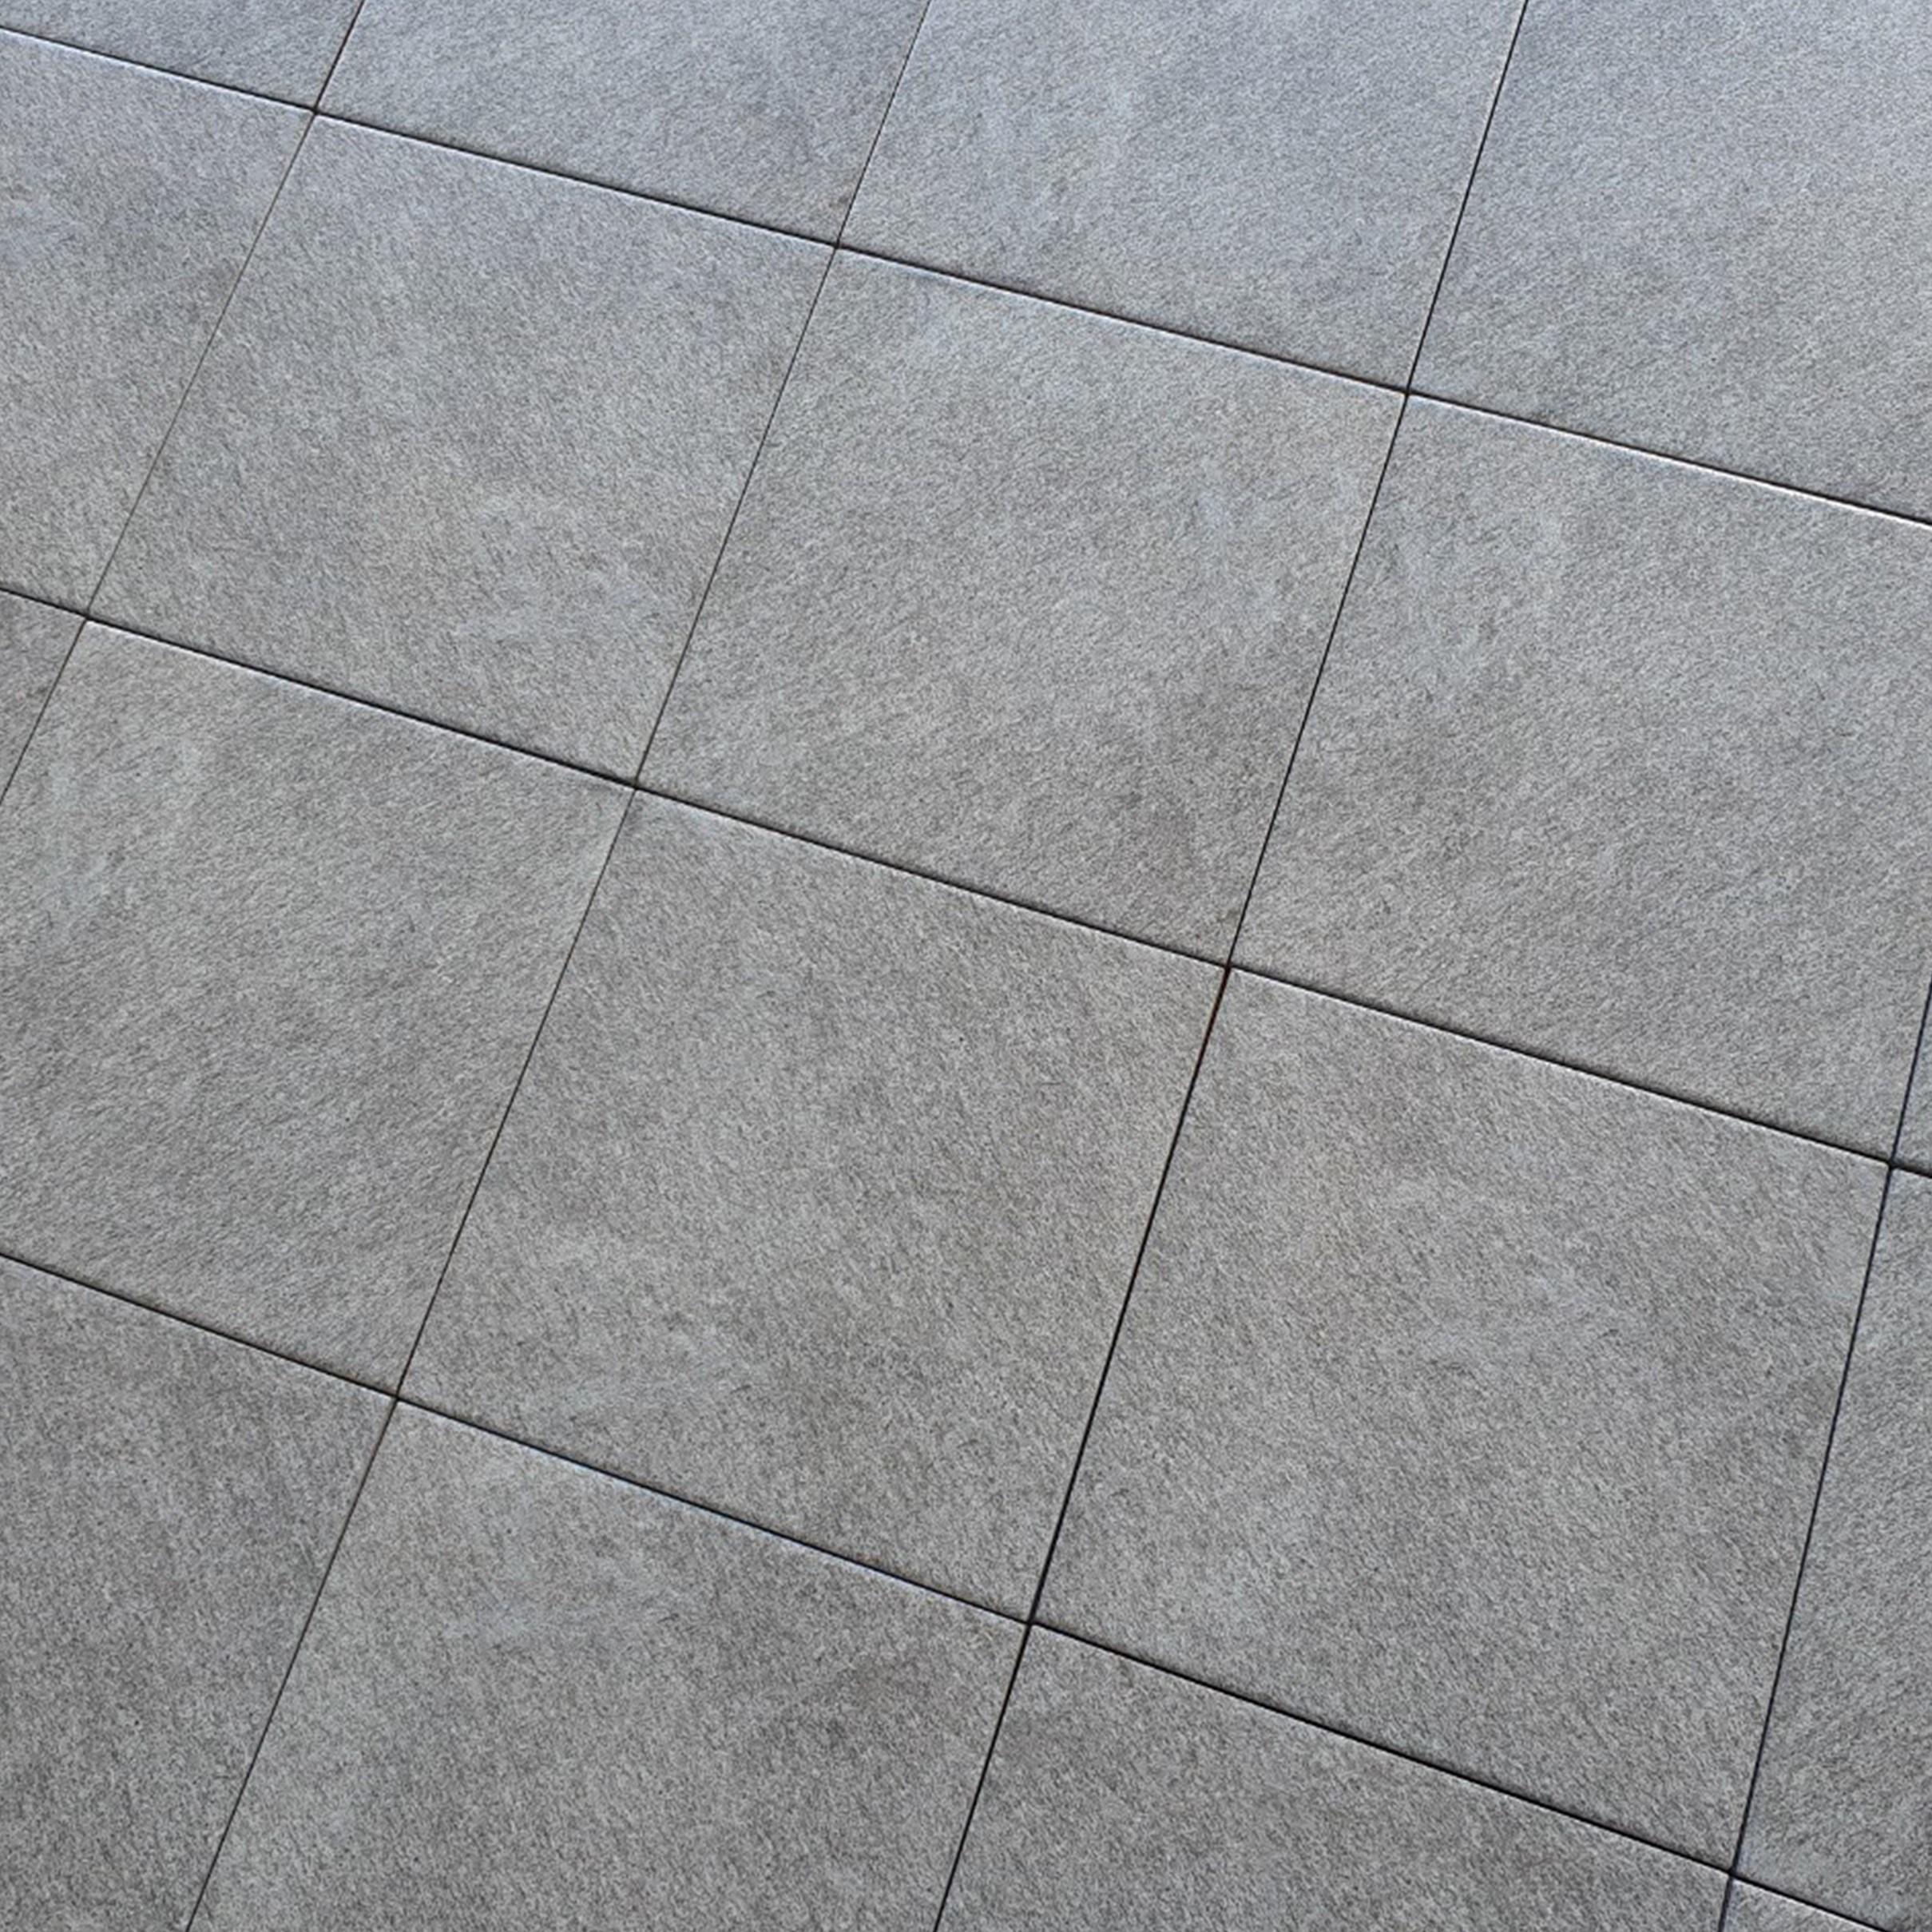 이레타일 바닥타일 벽타일 현관바닥타일 욕실바닥타일 베란다바닥타일 자기질타일 IRV203